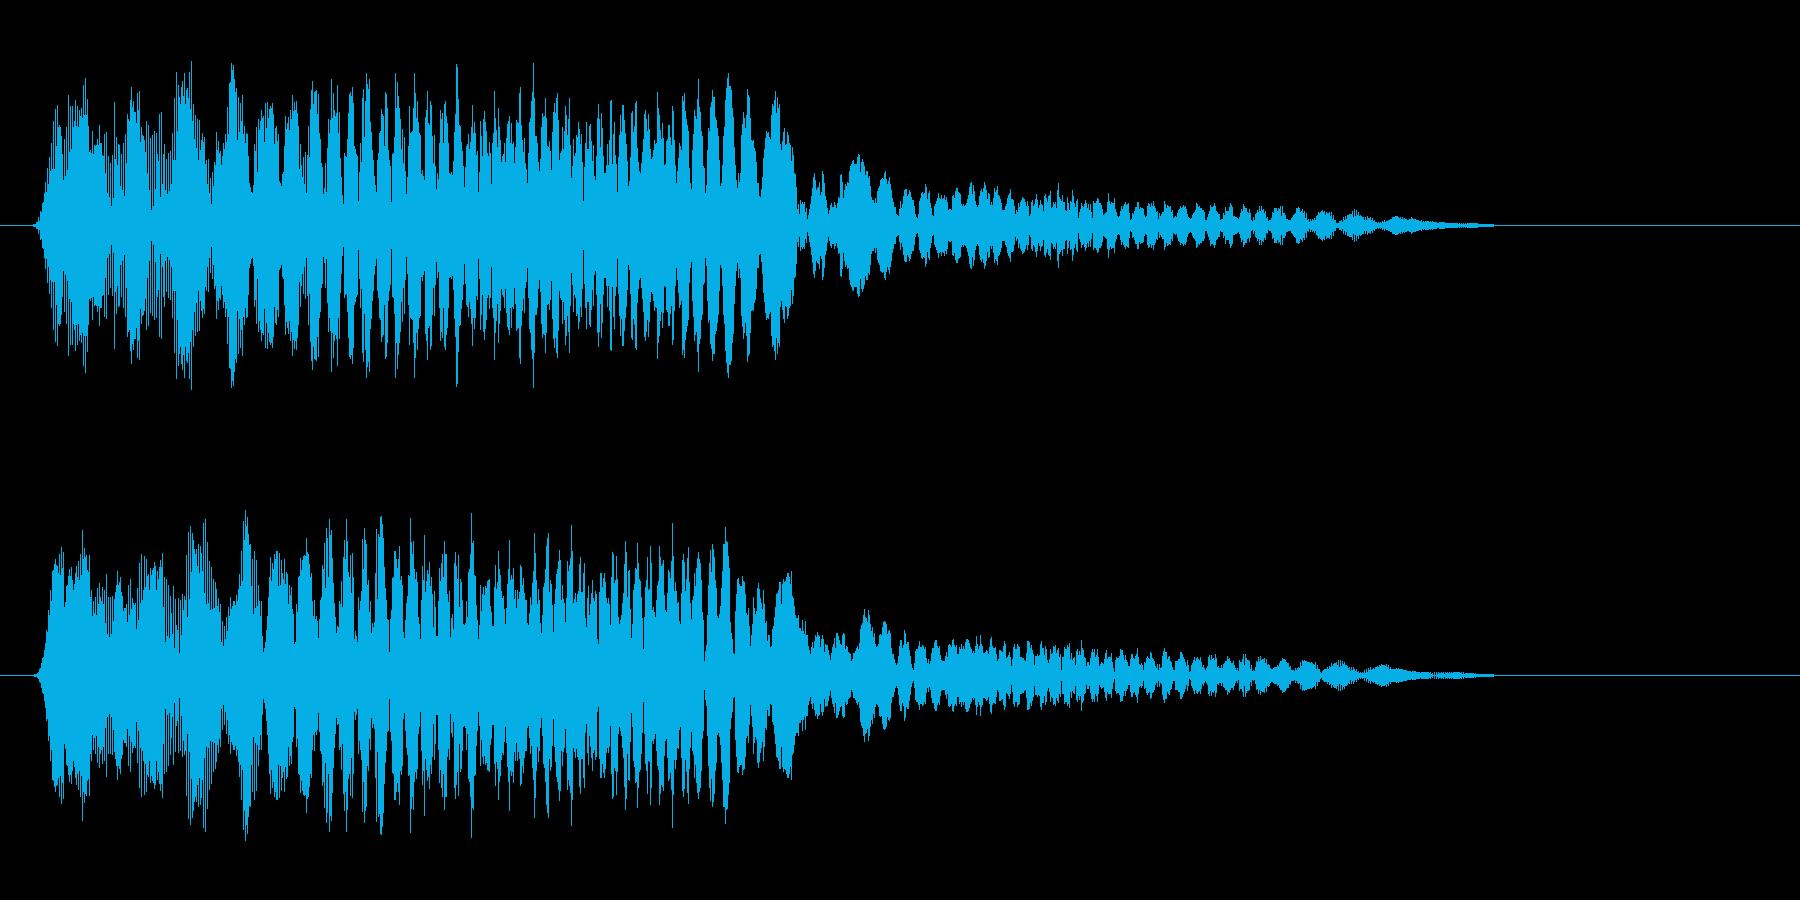 ピユーン(何かの物体が飛ぶ音)の再生済みの波形